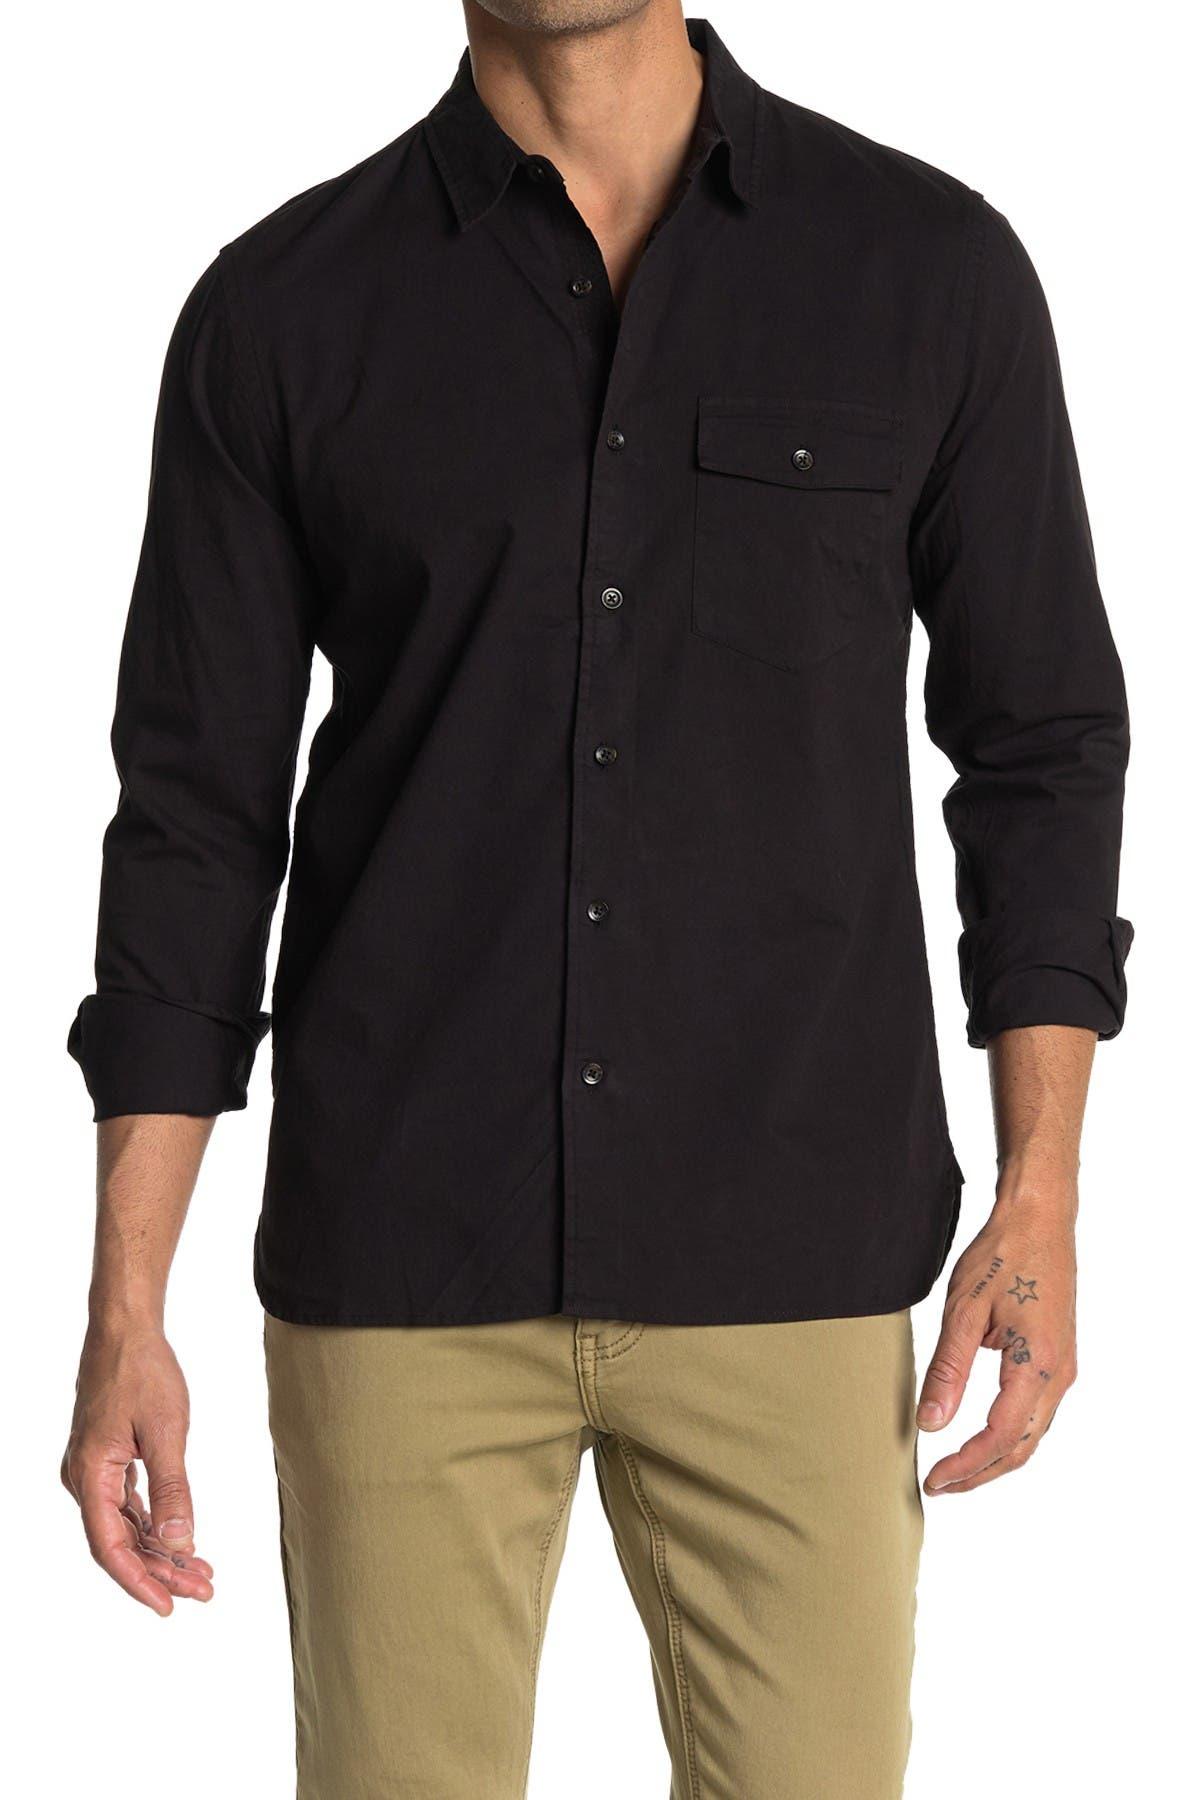 Image of BALDWIN Greer Slim Fit Shirt